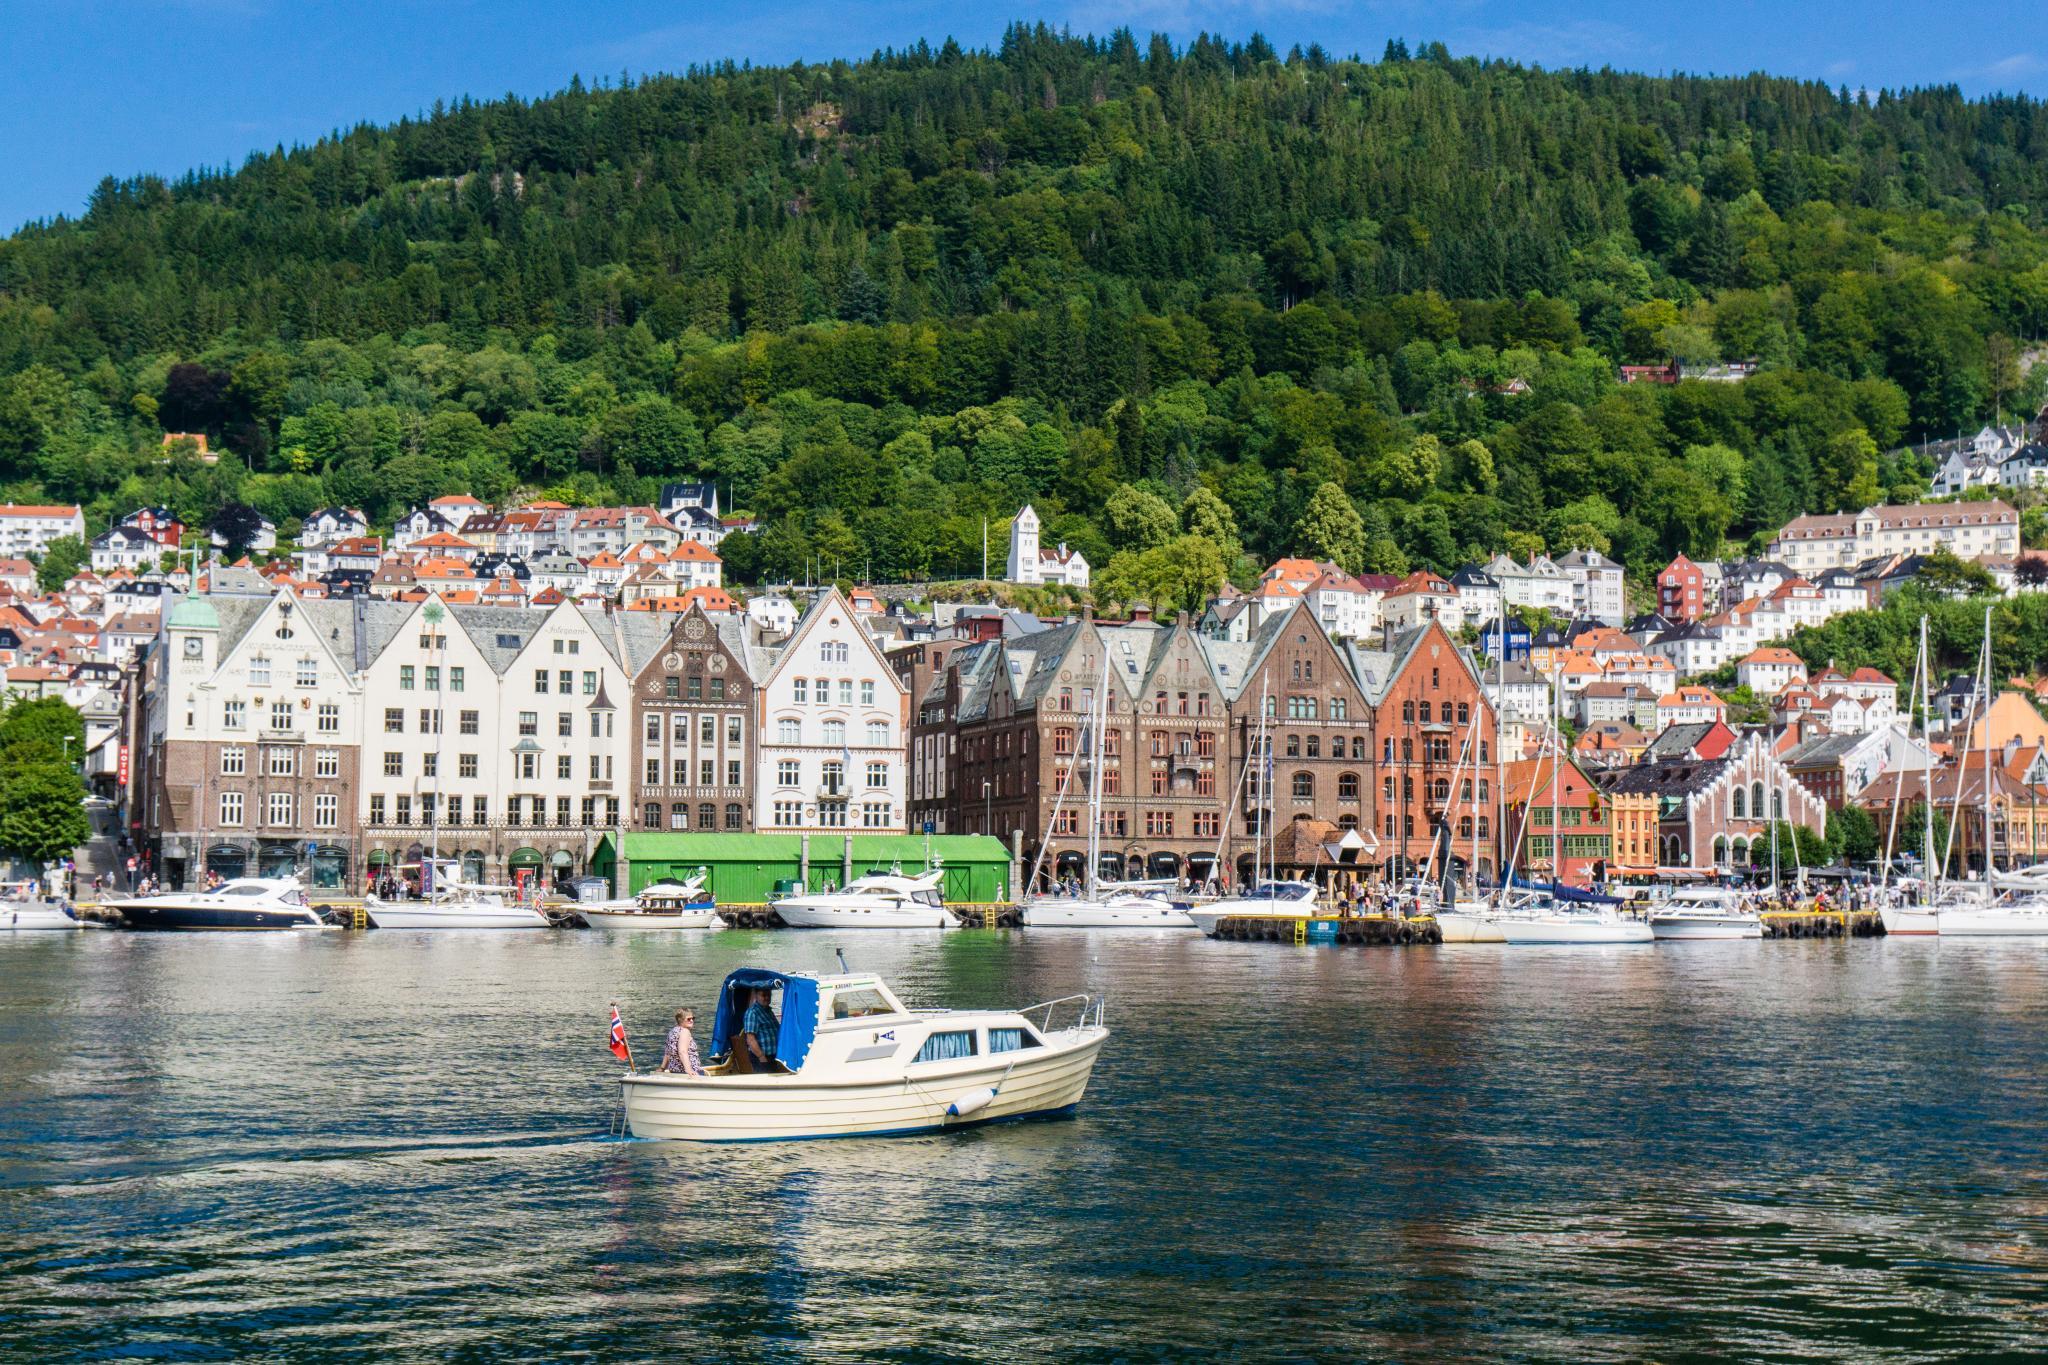 【卑爾根】Bryggen 世界遺產布呂根 — 迷失在百年歷史的挪威彩色木屋 4